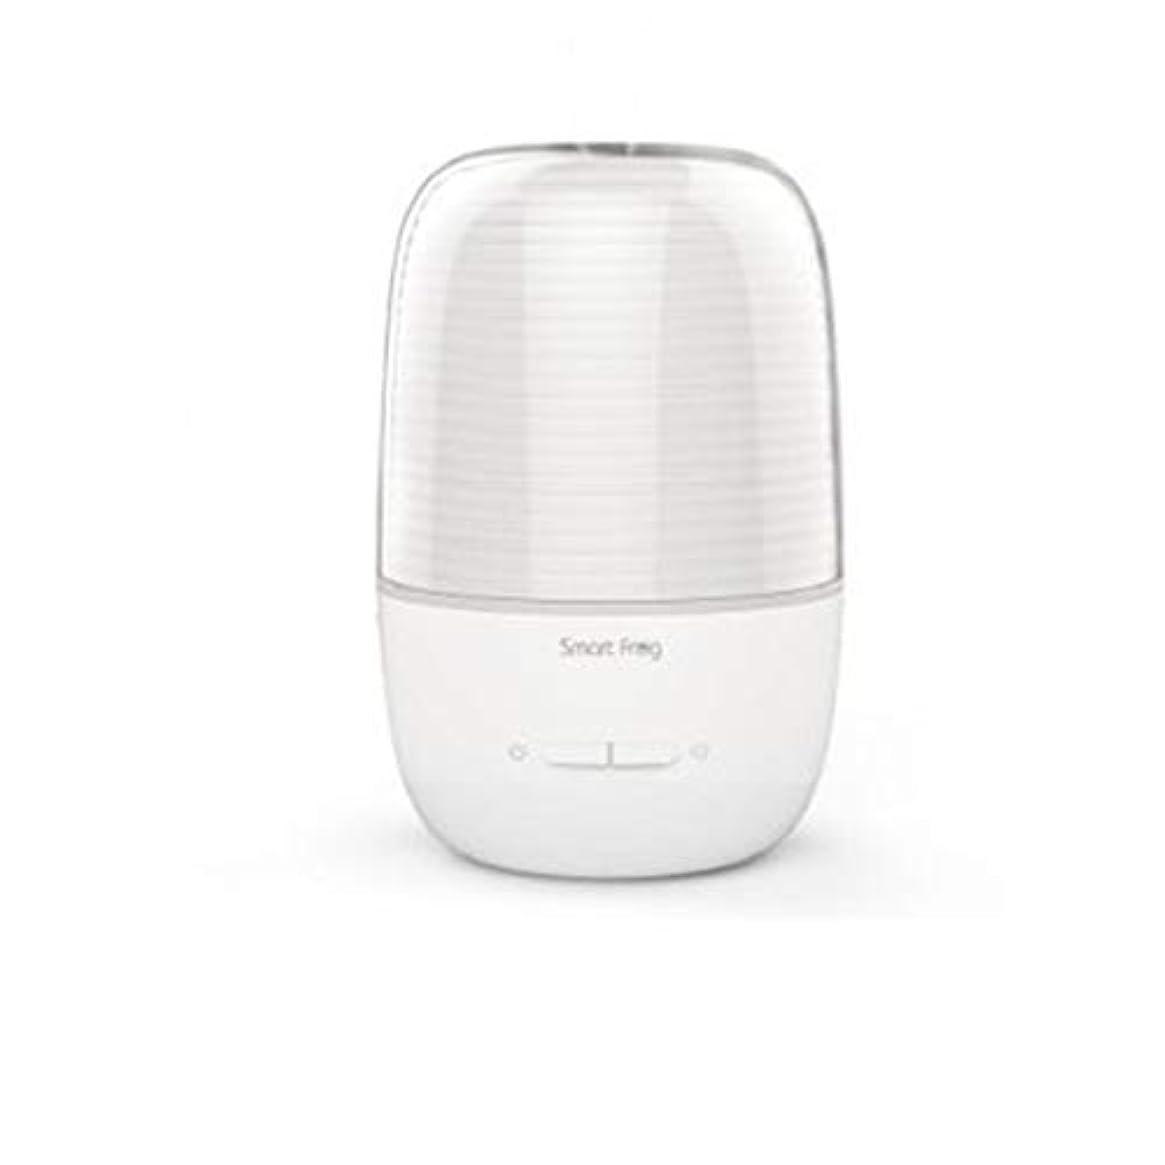 十分黒支配的130ml超音波冷たい霧の加湿器の変更家のヨガのオフィスの鉱泉の寝室の拡散器 (Color : White)